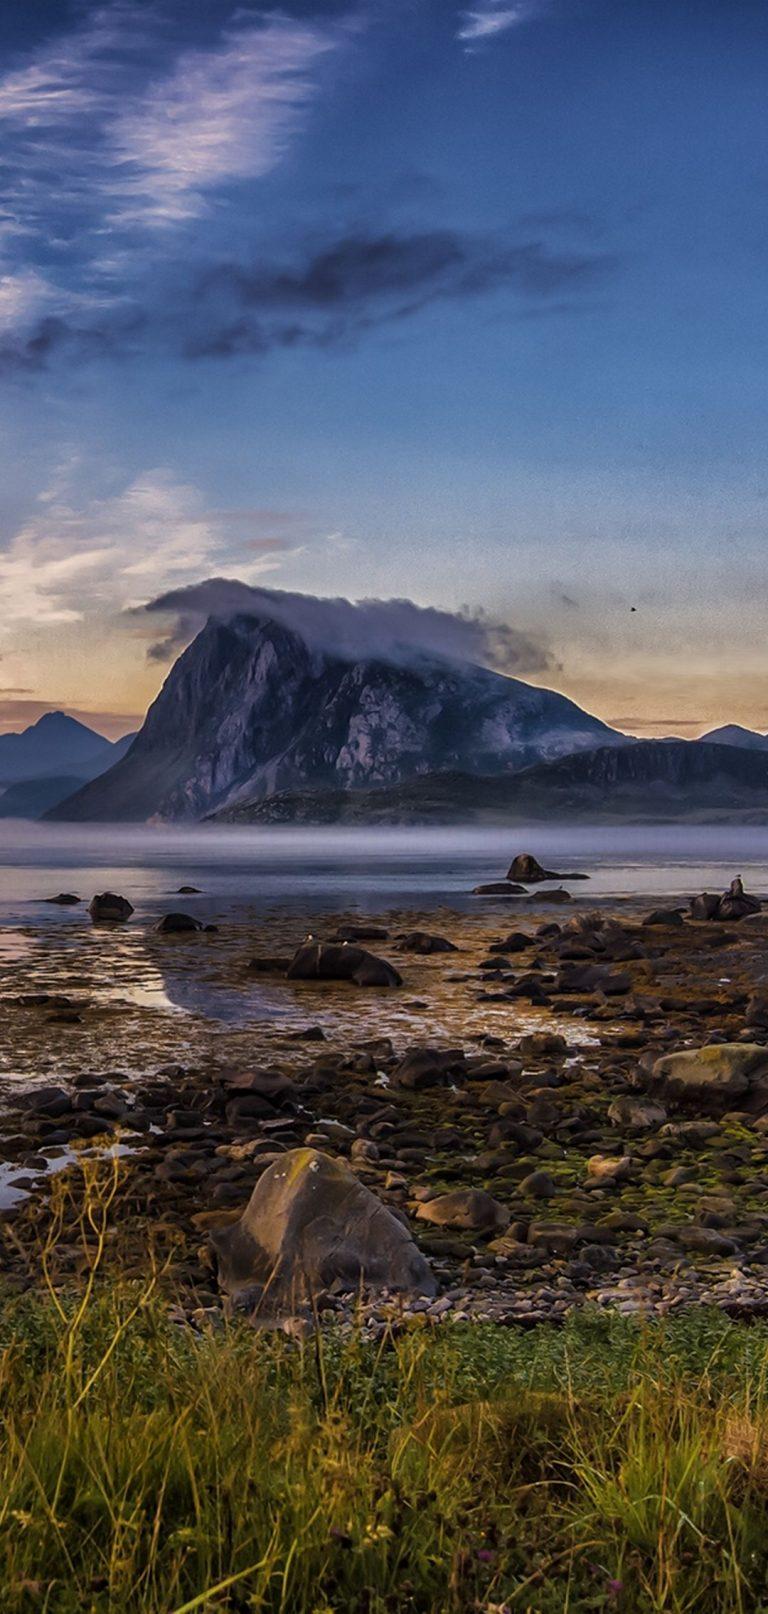 River Mountains Grass Rocks 1080x2270 768x1614